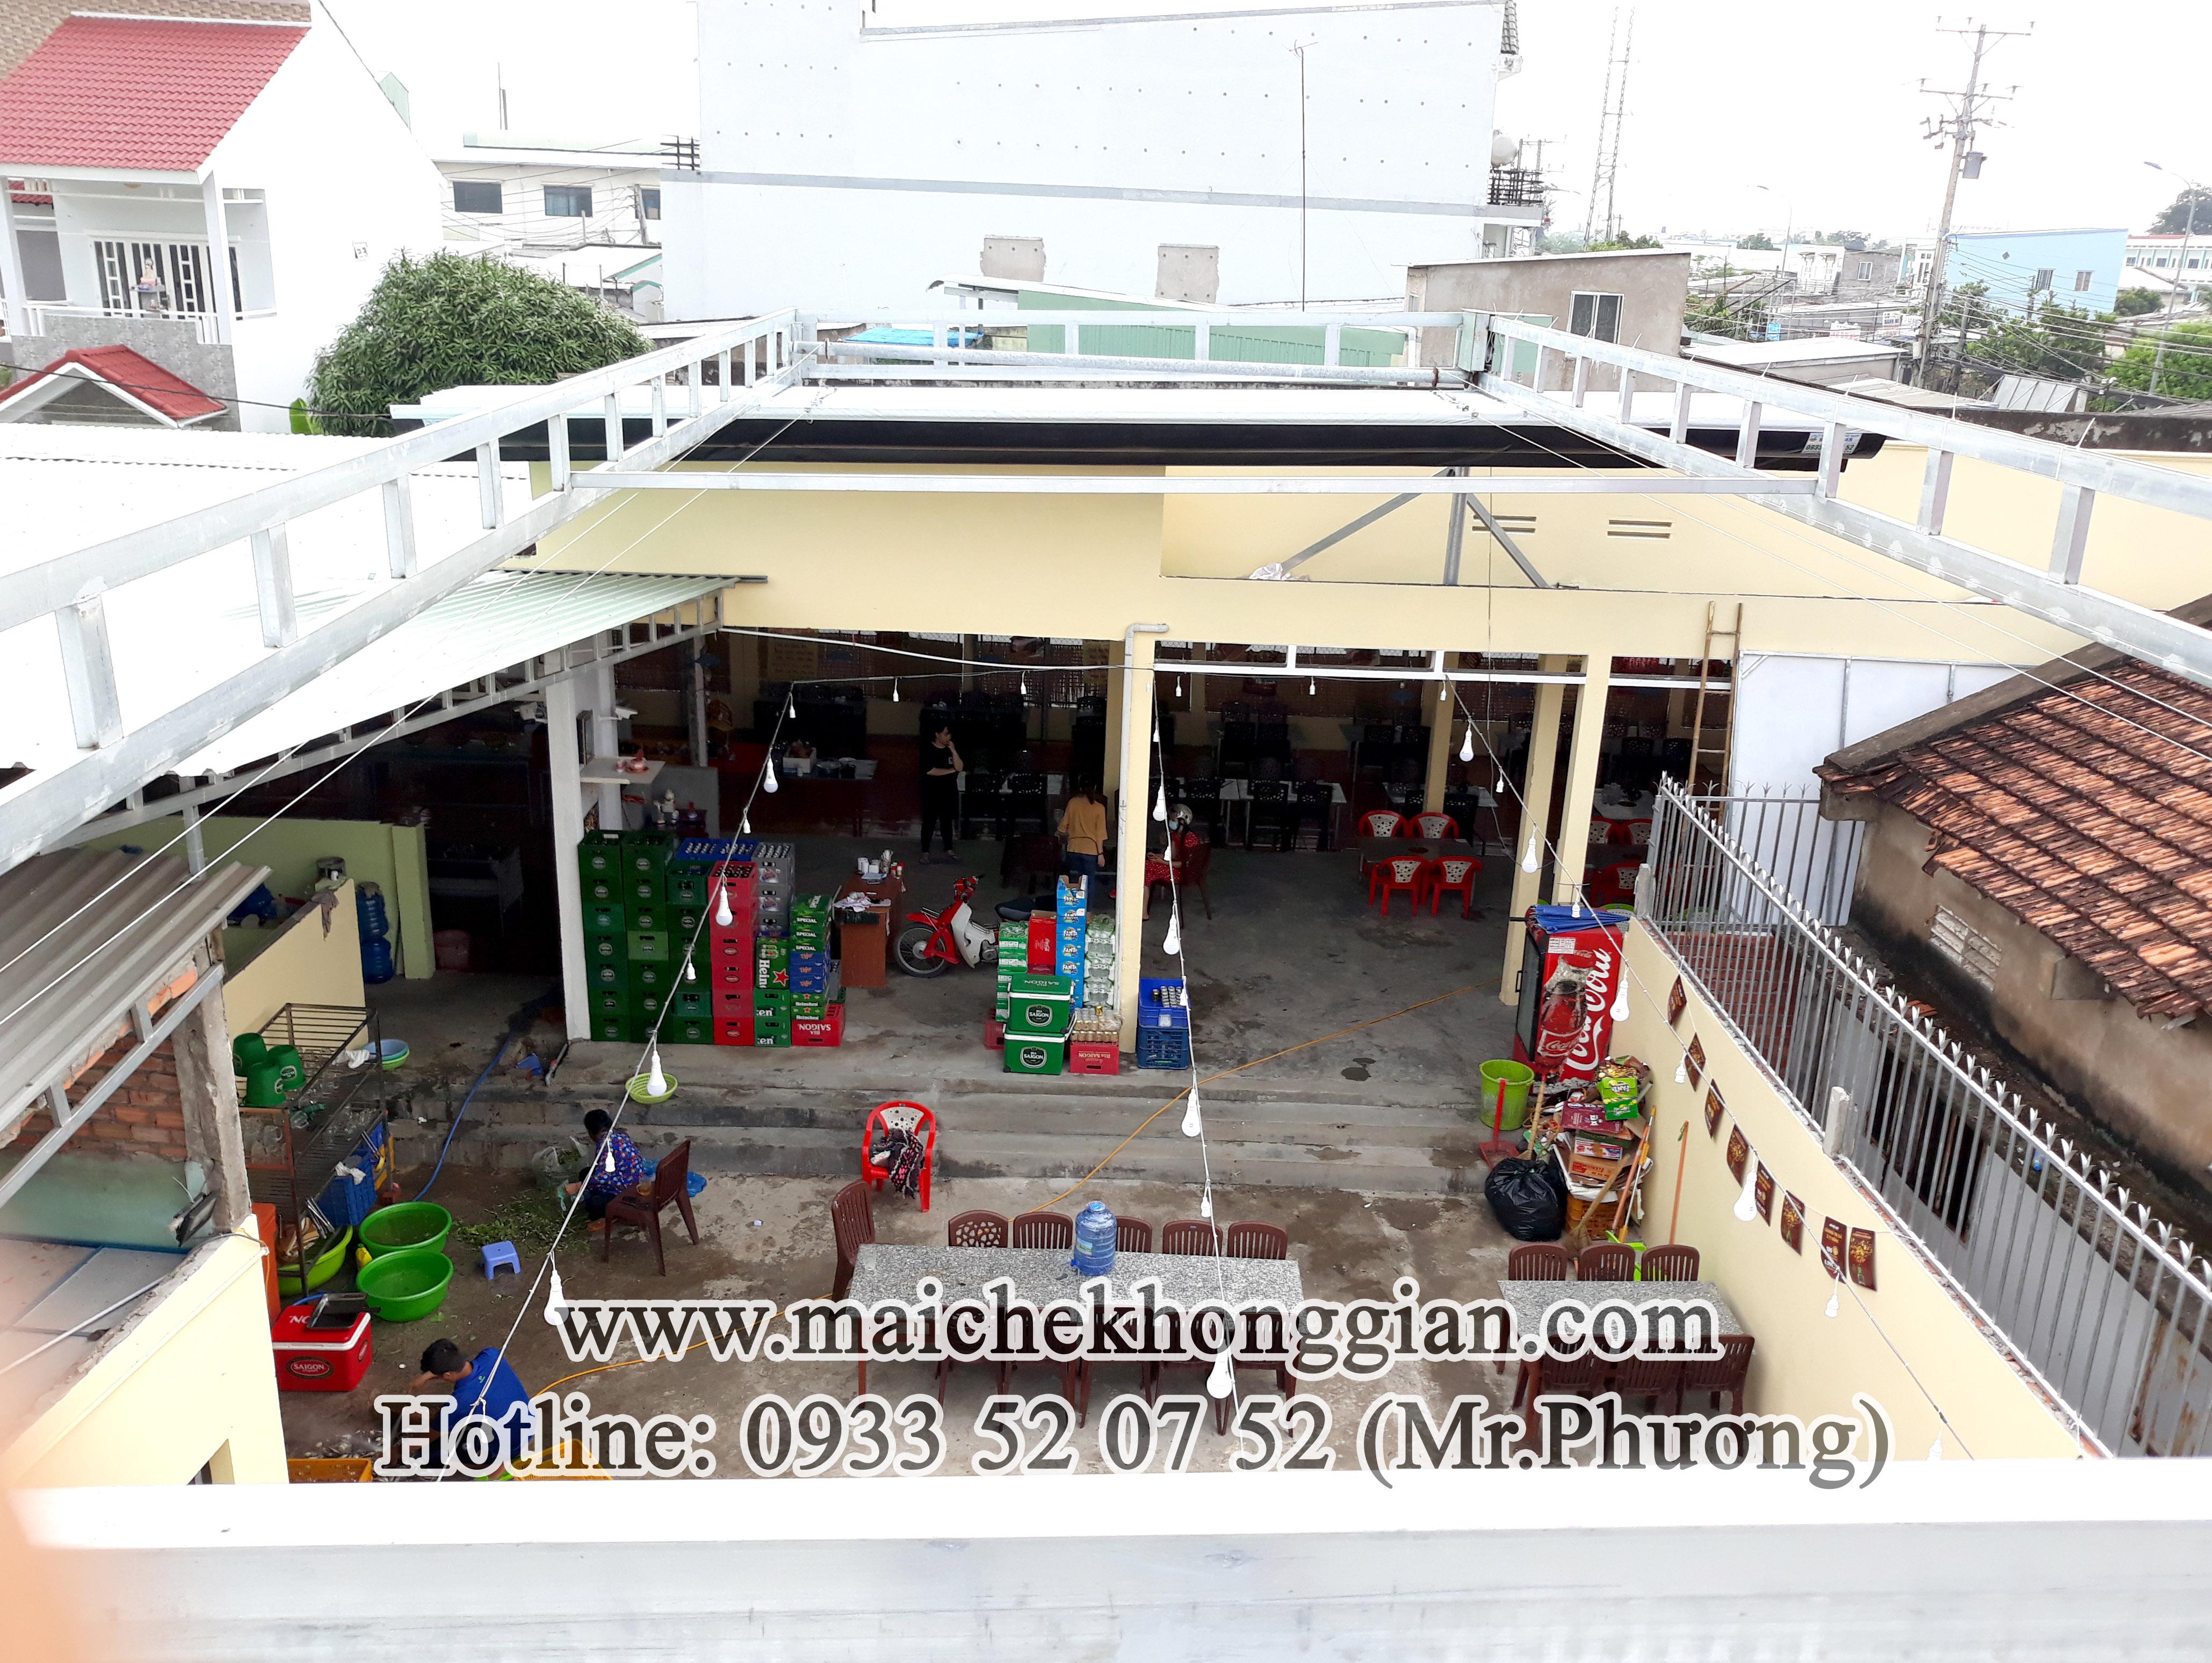 Mái che nhà hàng Châu Thành Long An